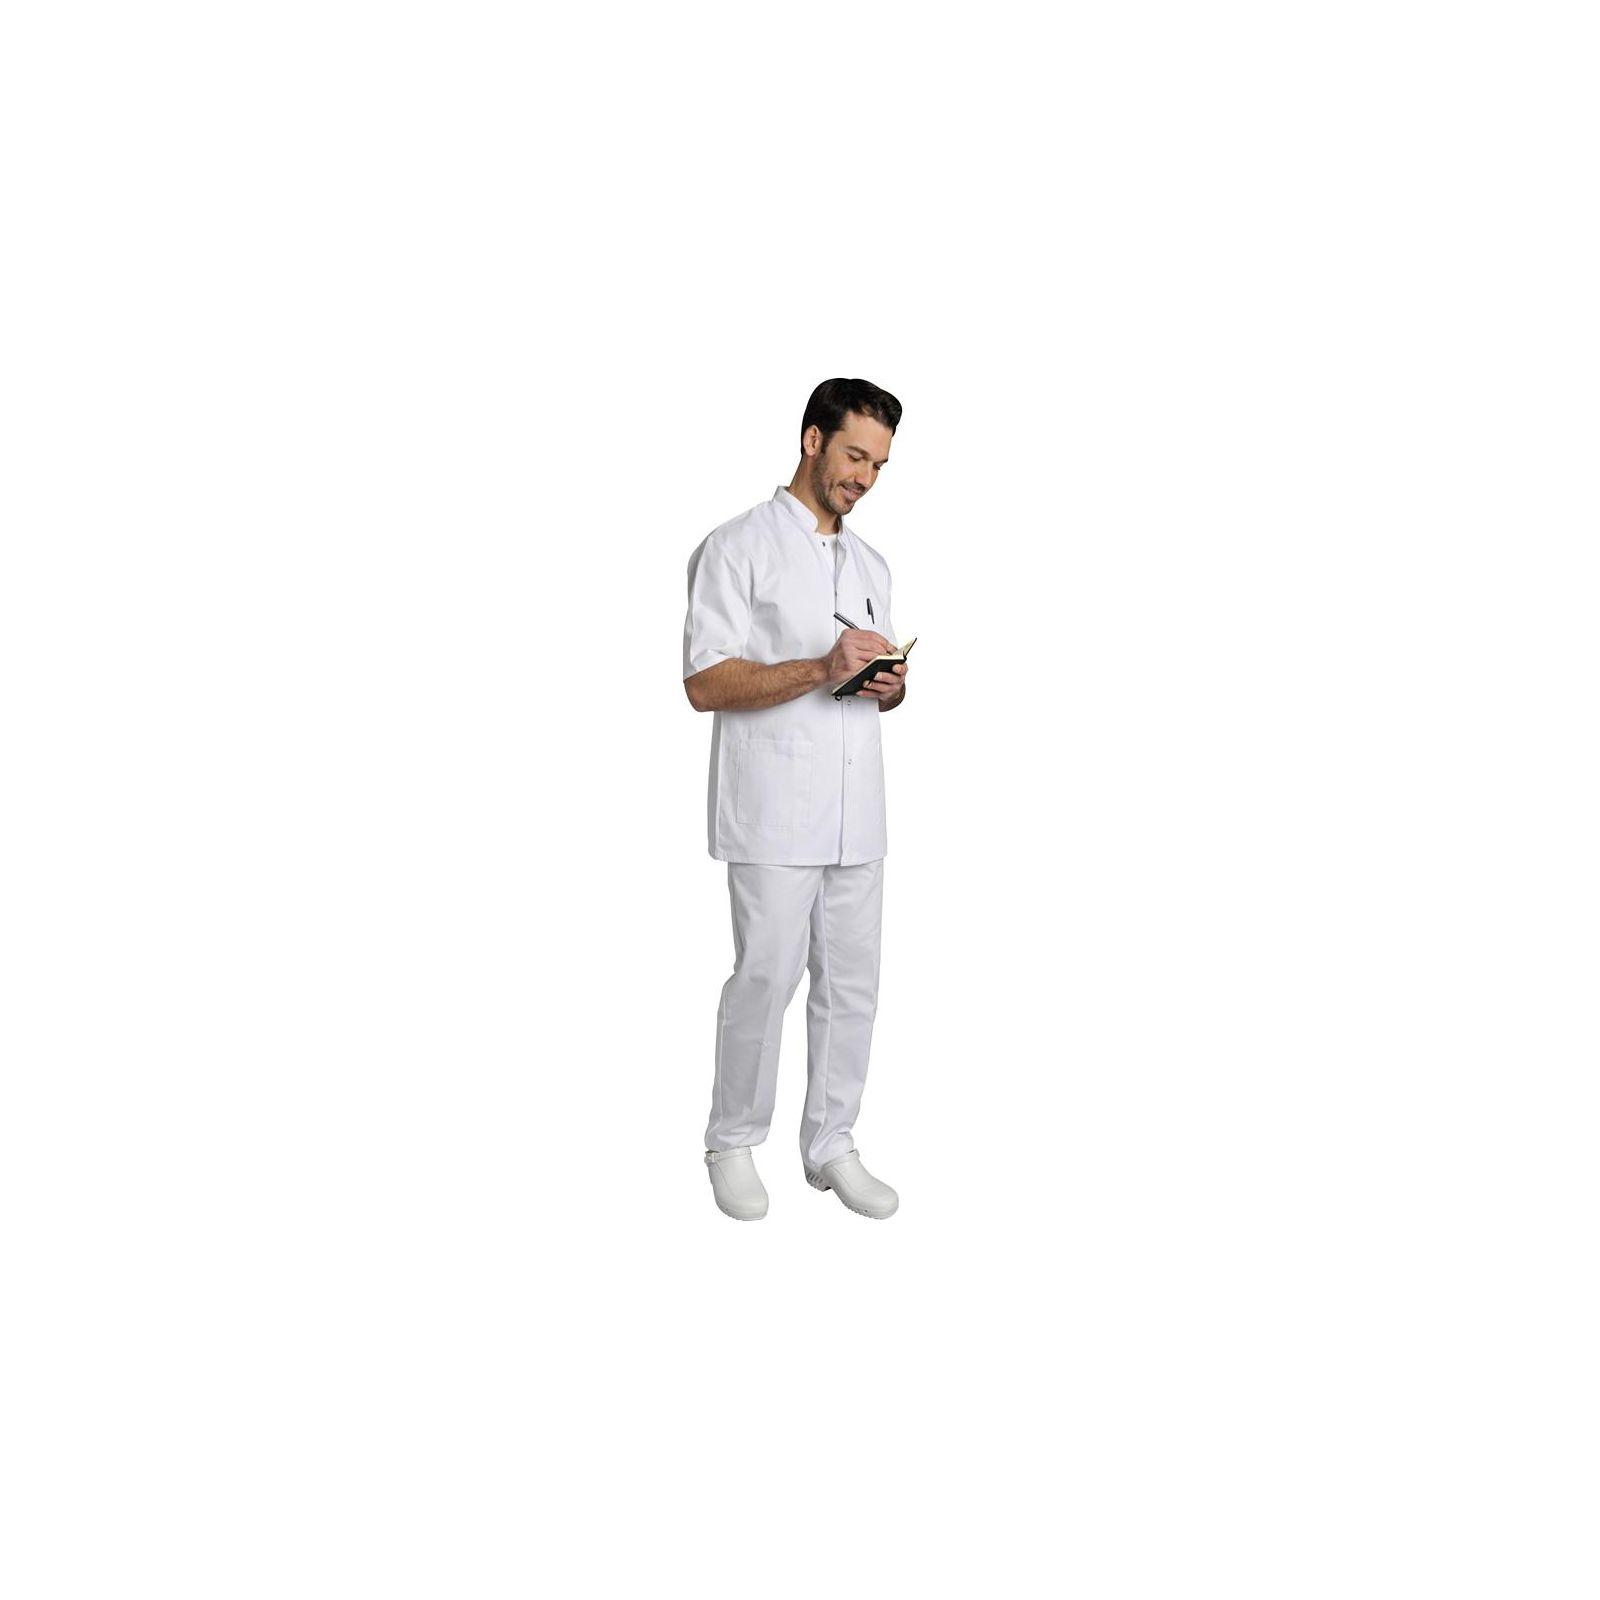 Blouse médicale Homme blanche manches courtes Poly/Coton Denis, SNV (DENCP00000) vue modèle